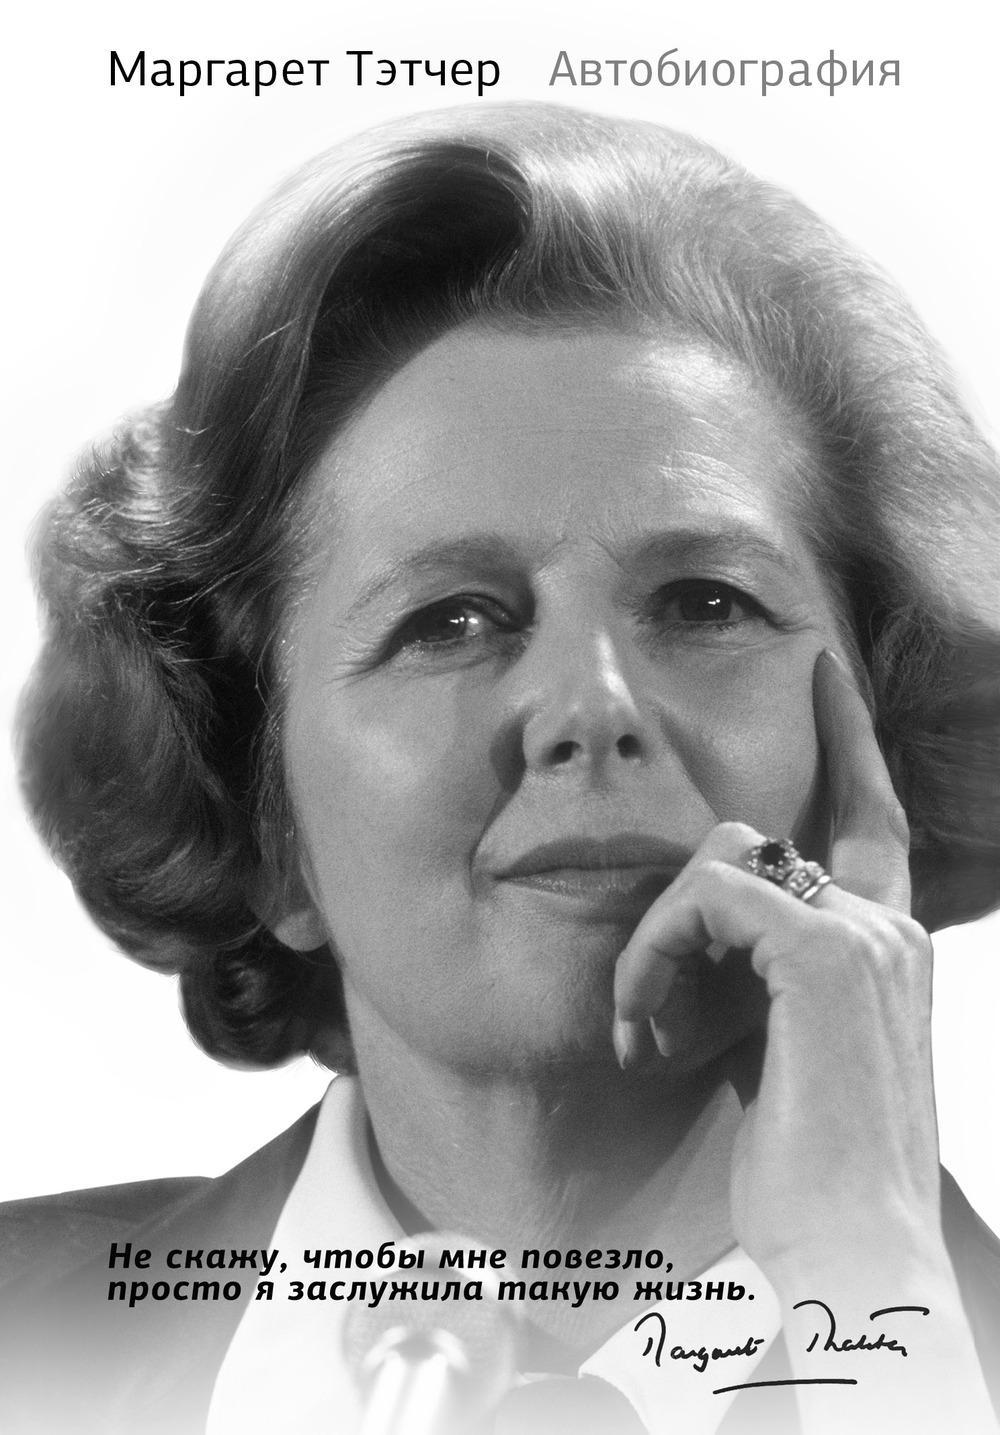 Маргарет тэтчер книги скачать бесплатно